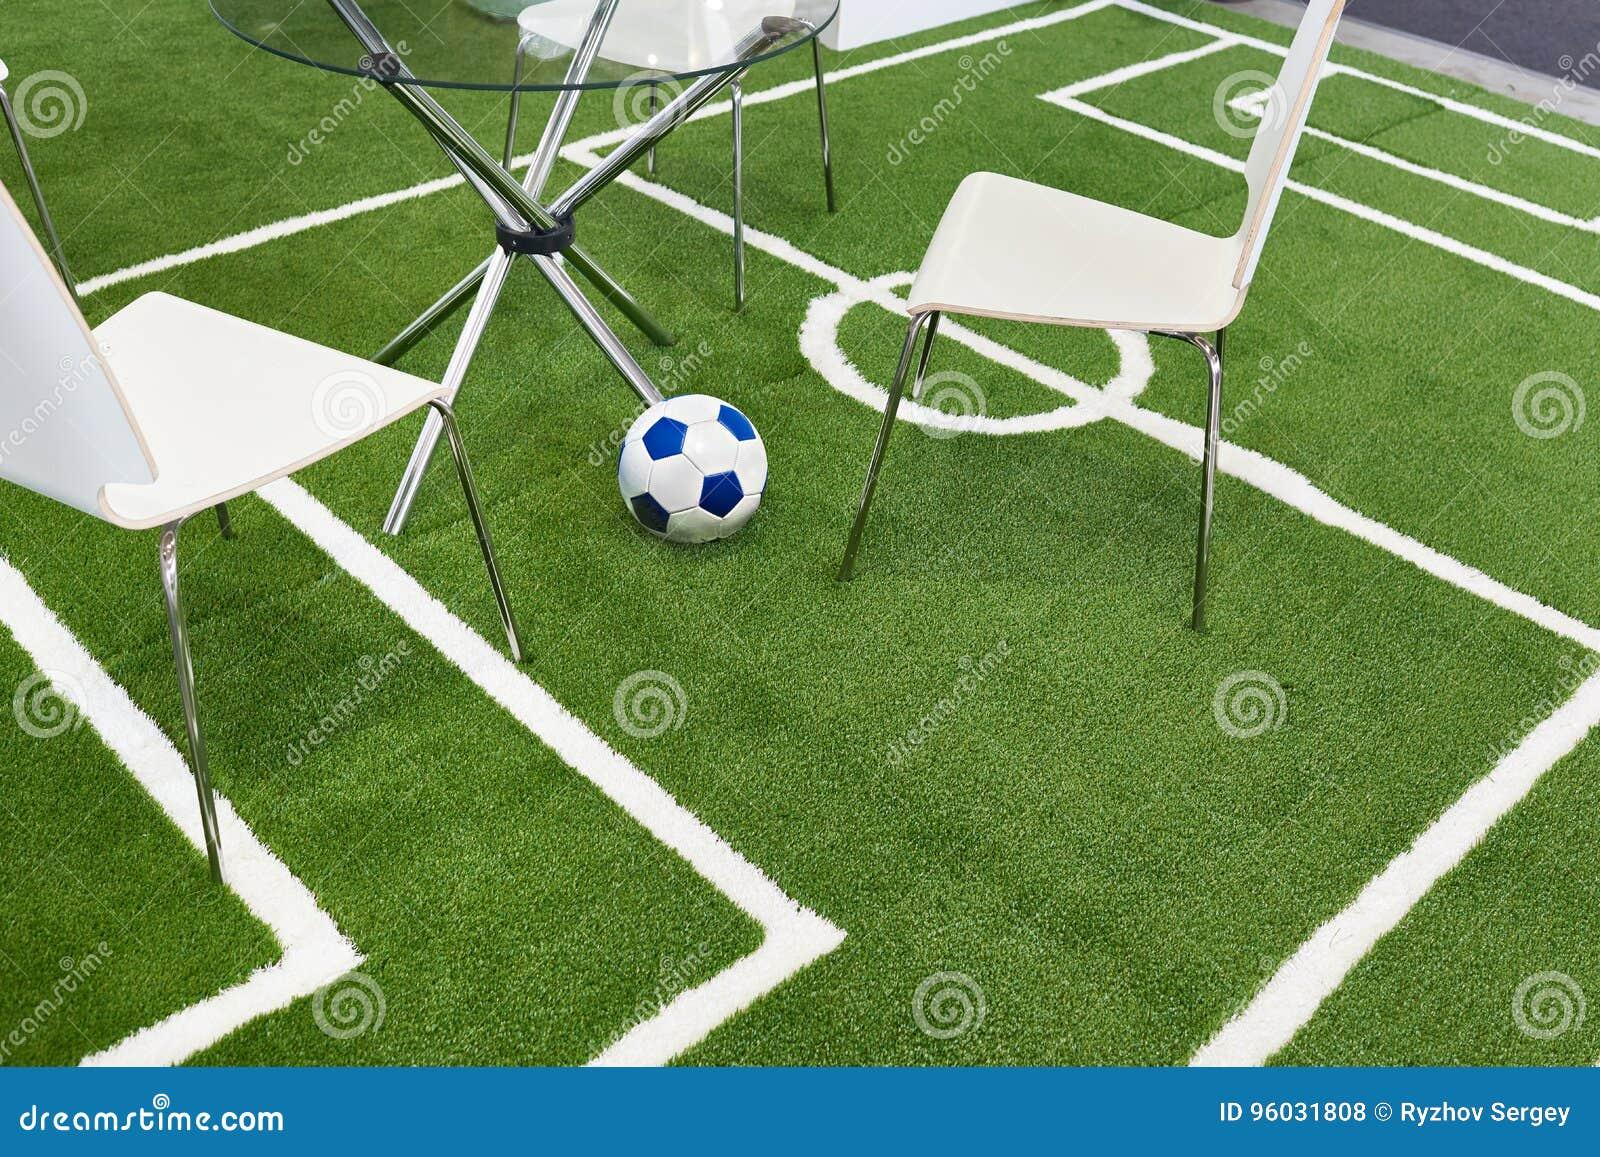 Podłogowy nakrycie jako boisko do piłki nożnej